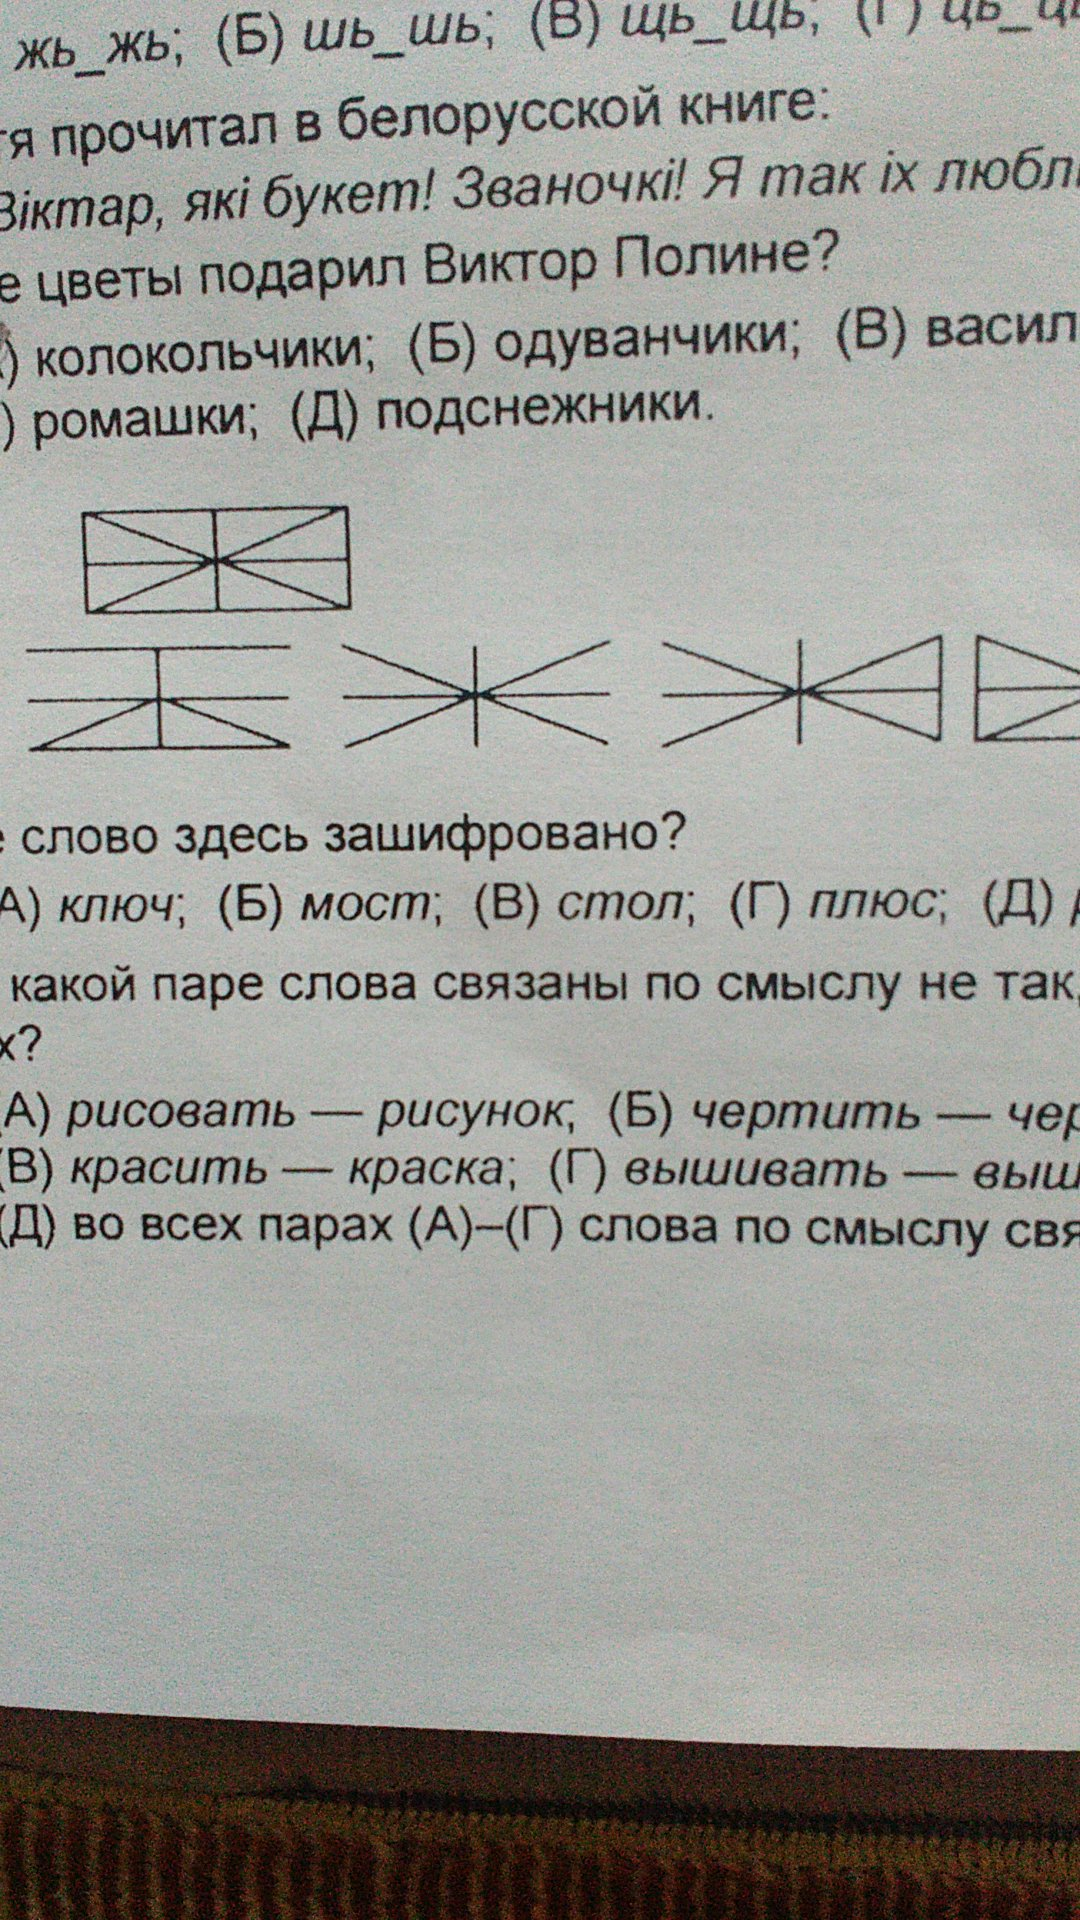 Какое слово здесь зашифровано?